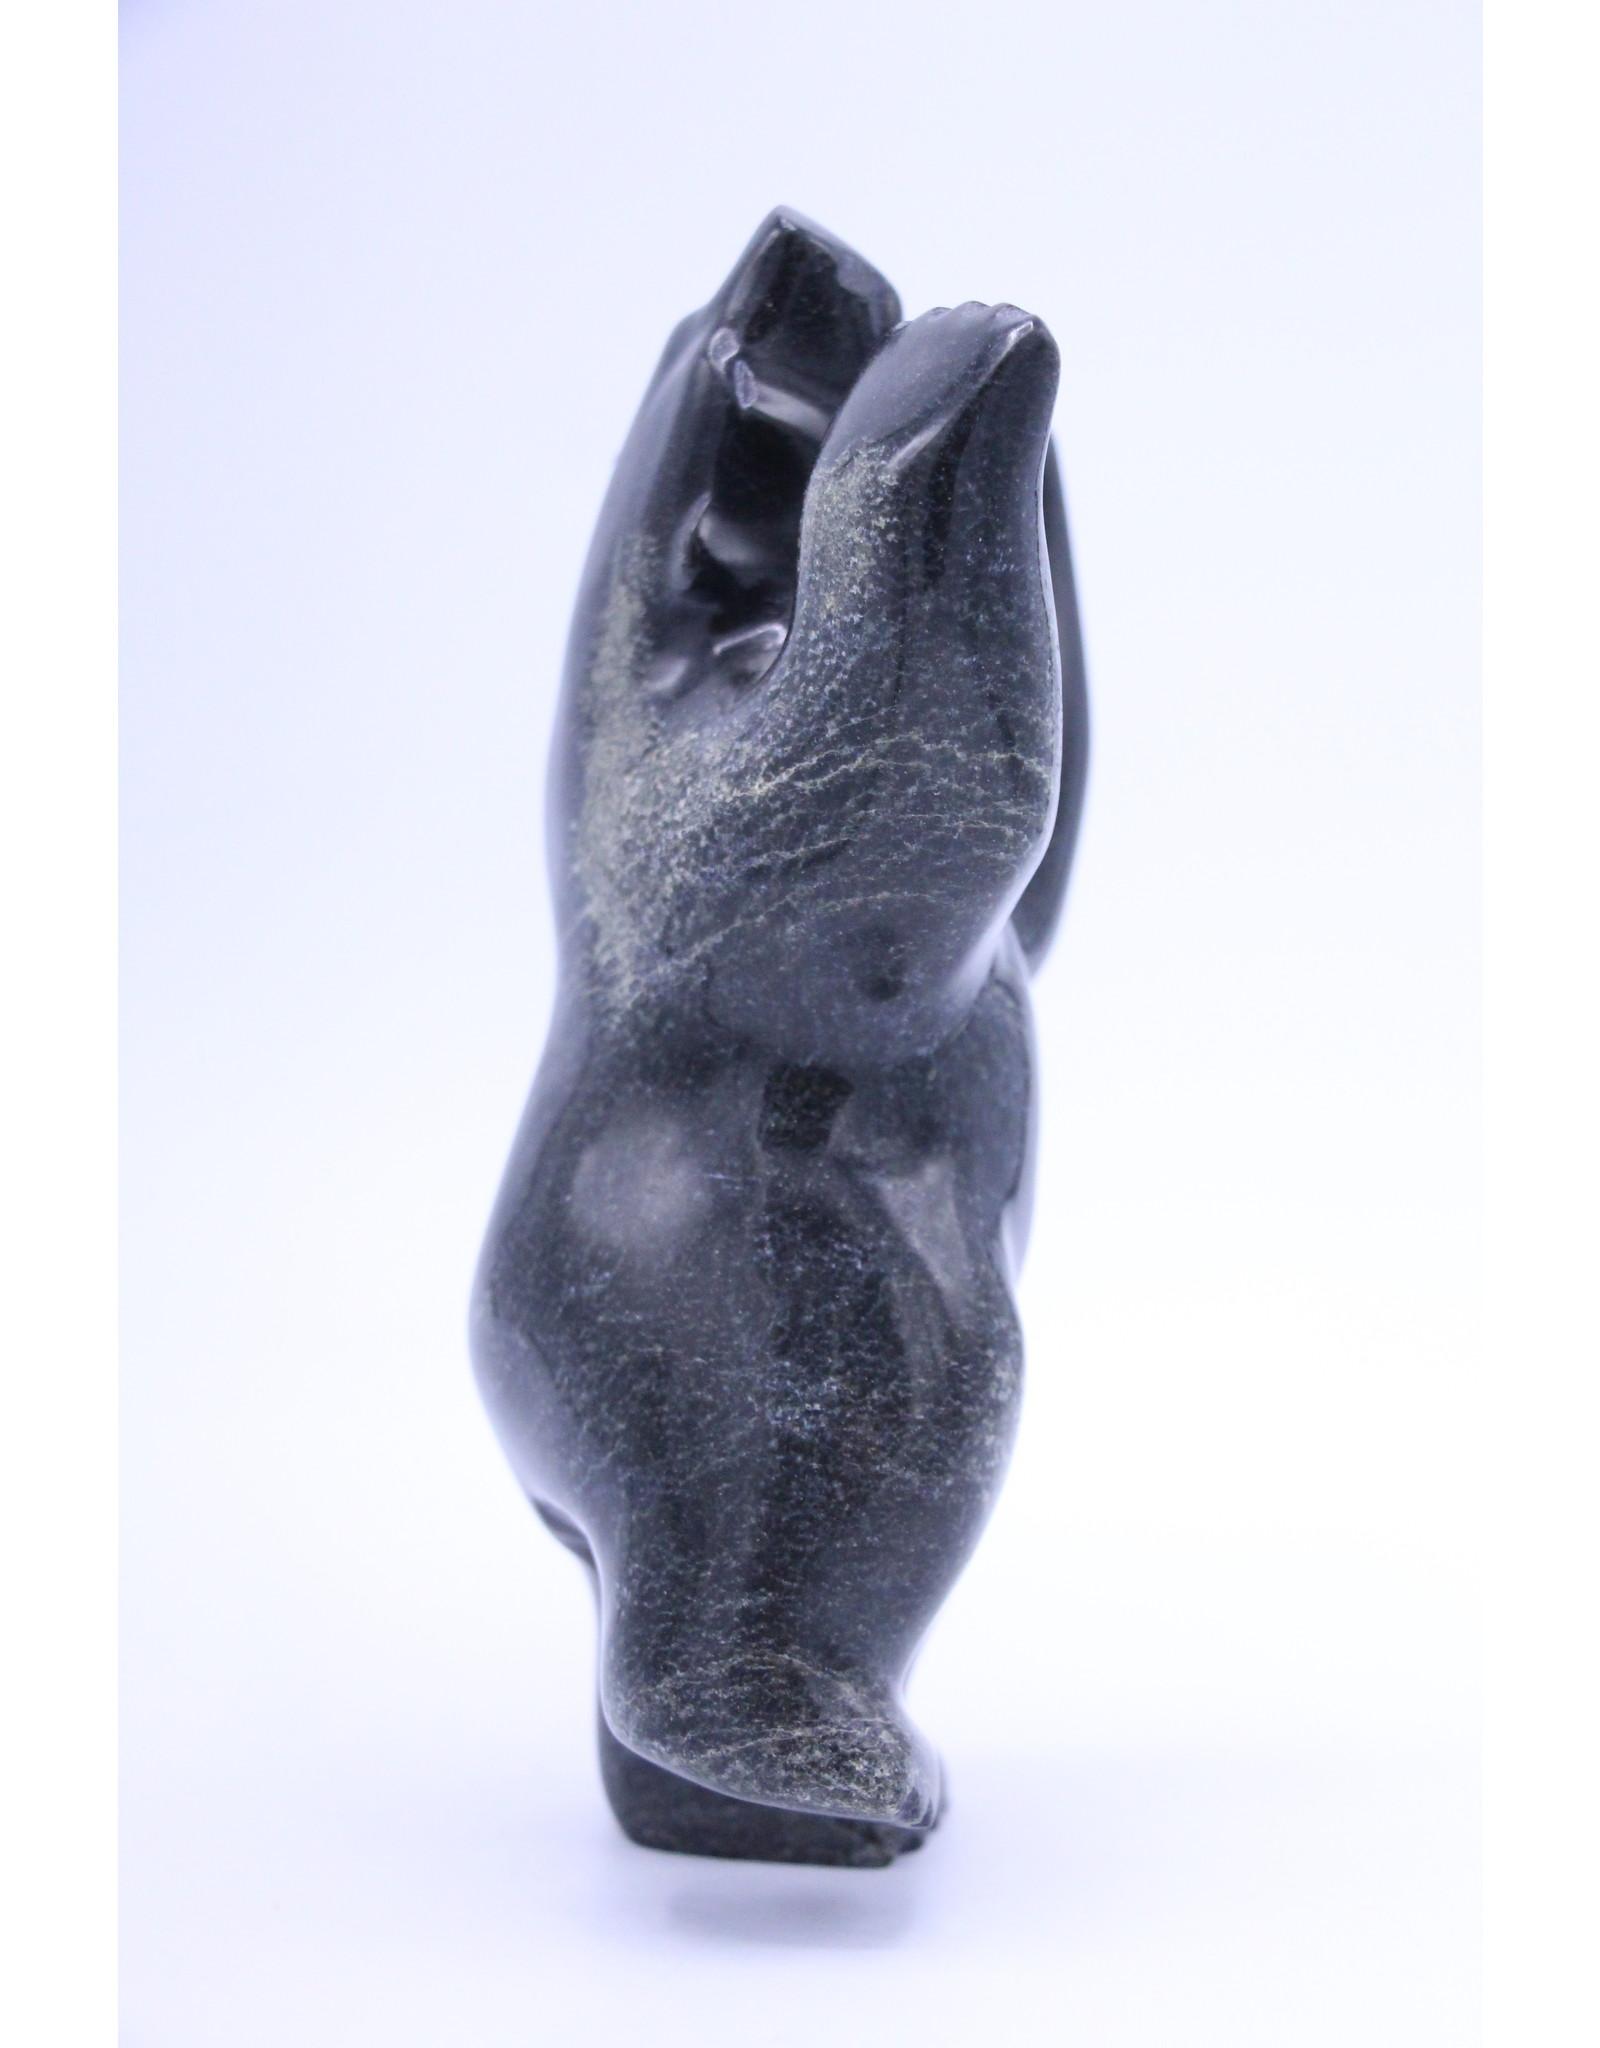 Dancing Bear by Tony Oqutaq -7832L